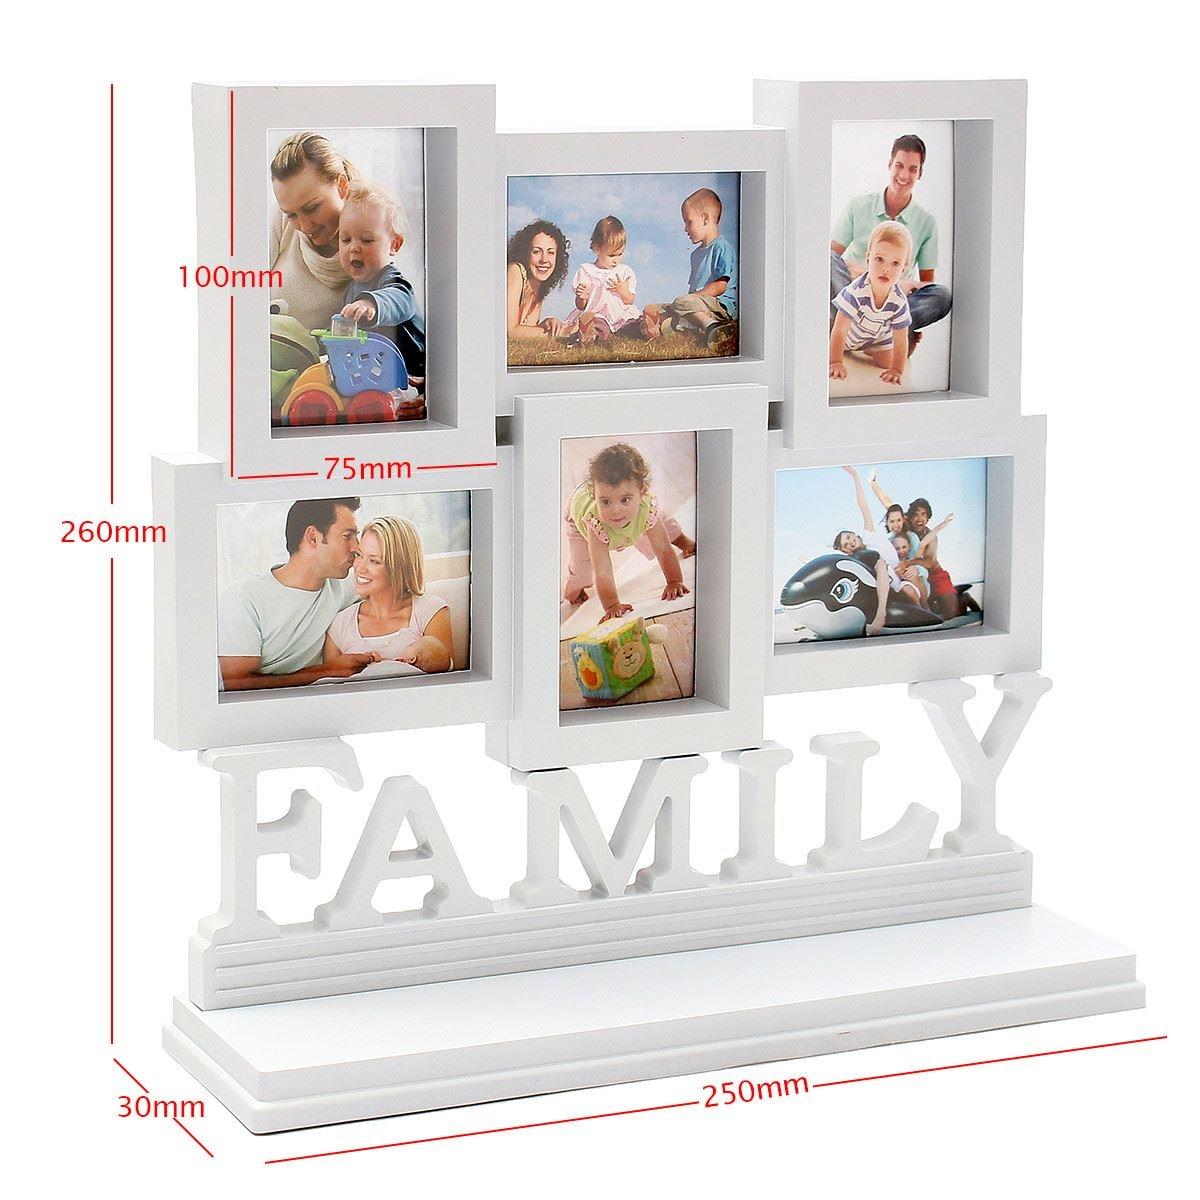 Niedlich Lieber Rahmen Collage Foto Bilder - Benutzerdefinierte ...